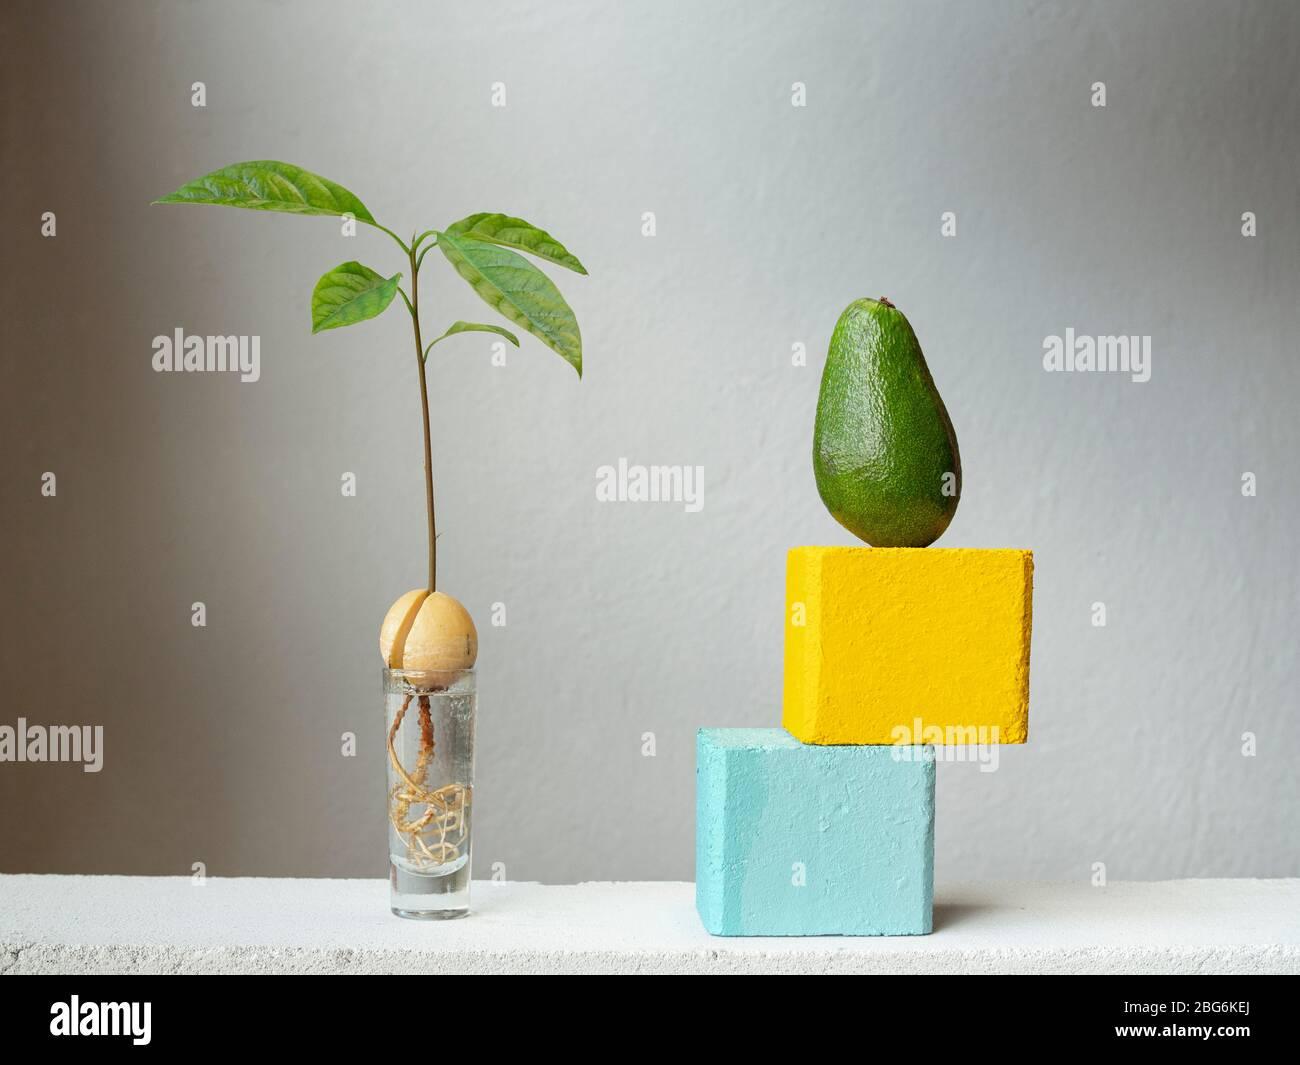 Nocciolo Di Avocado In Acqua radici di avocado immagini & radici di avocado fotos stock